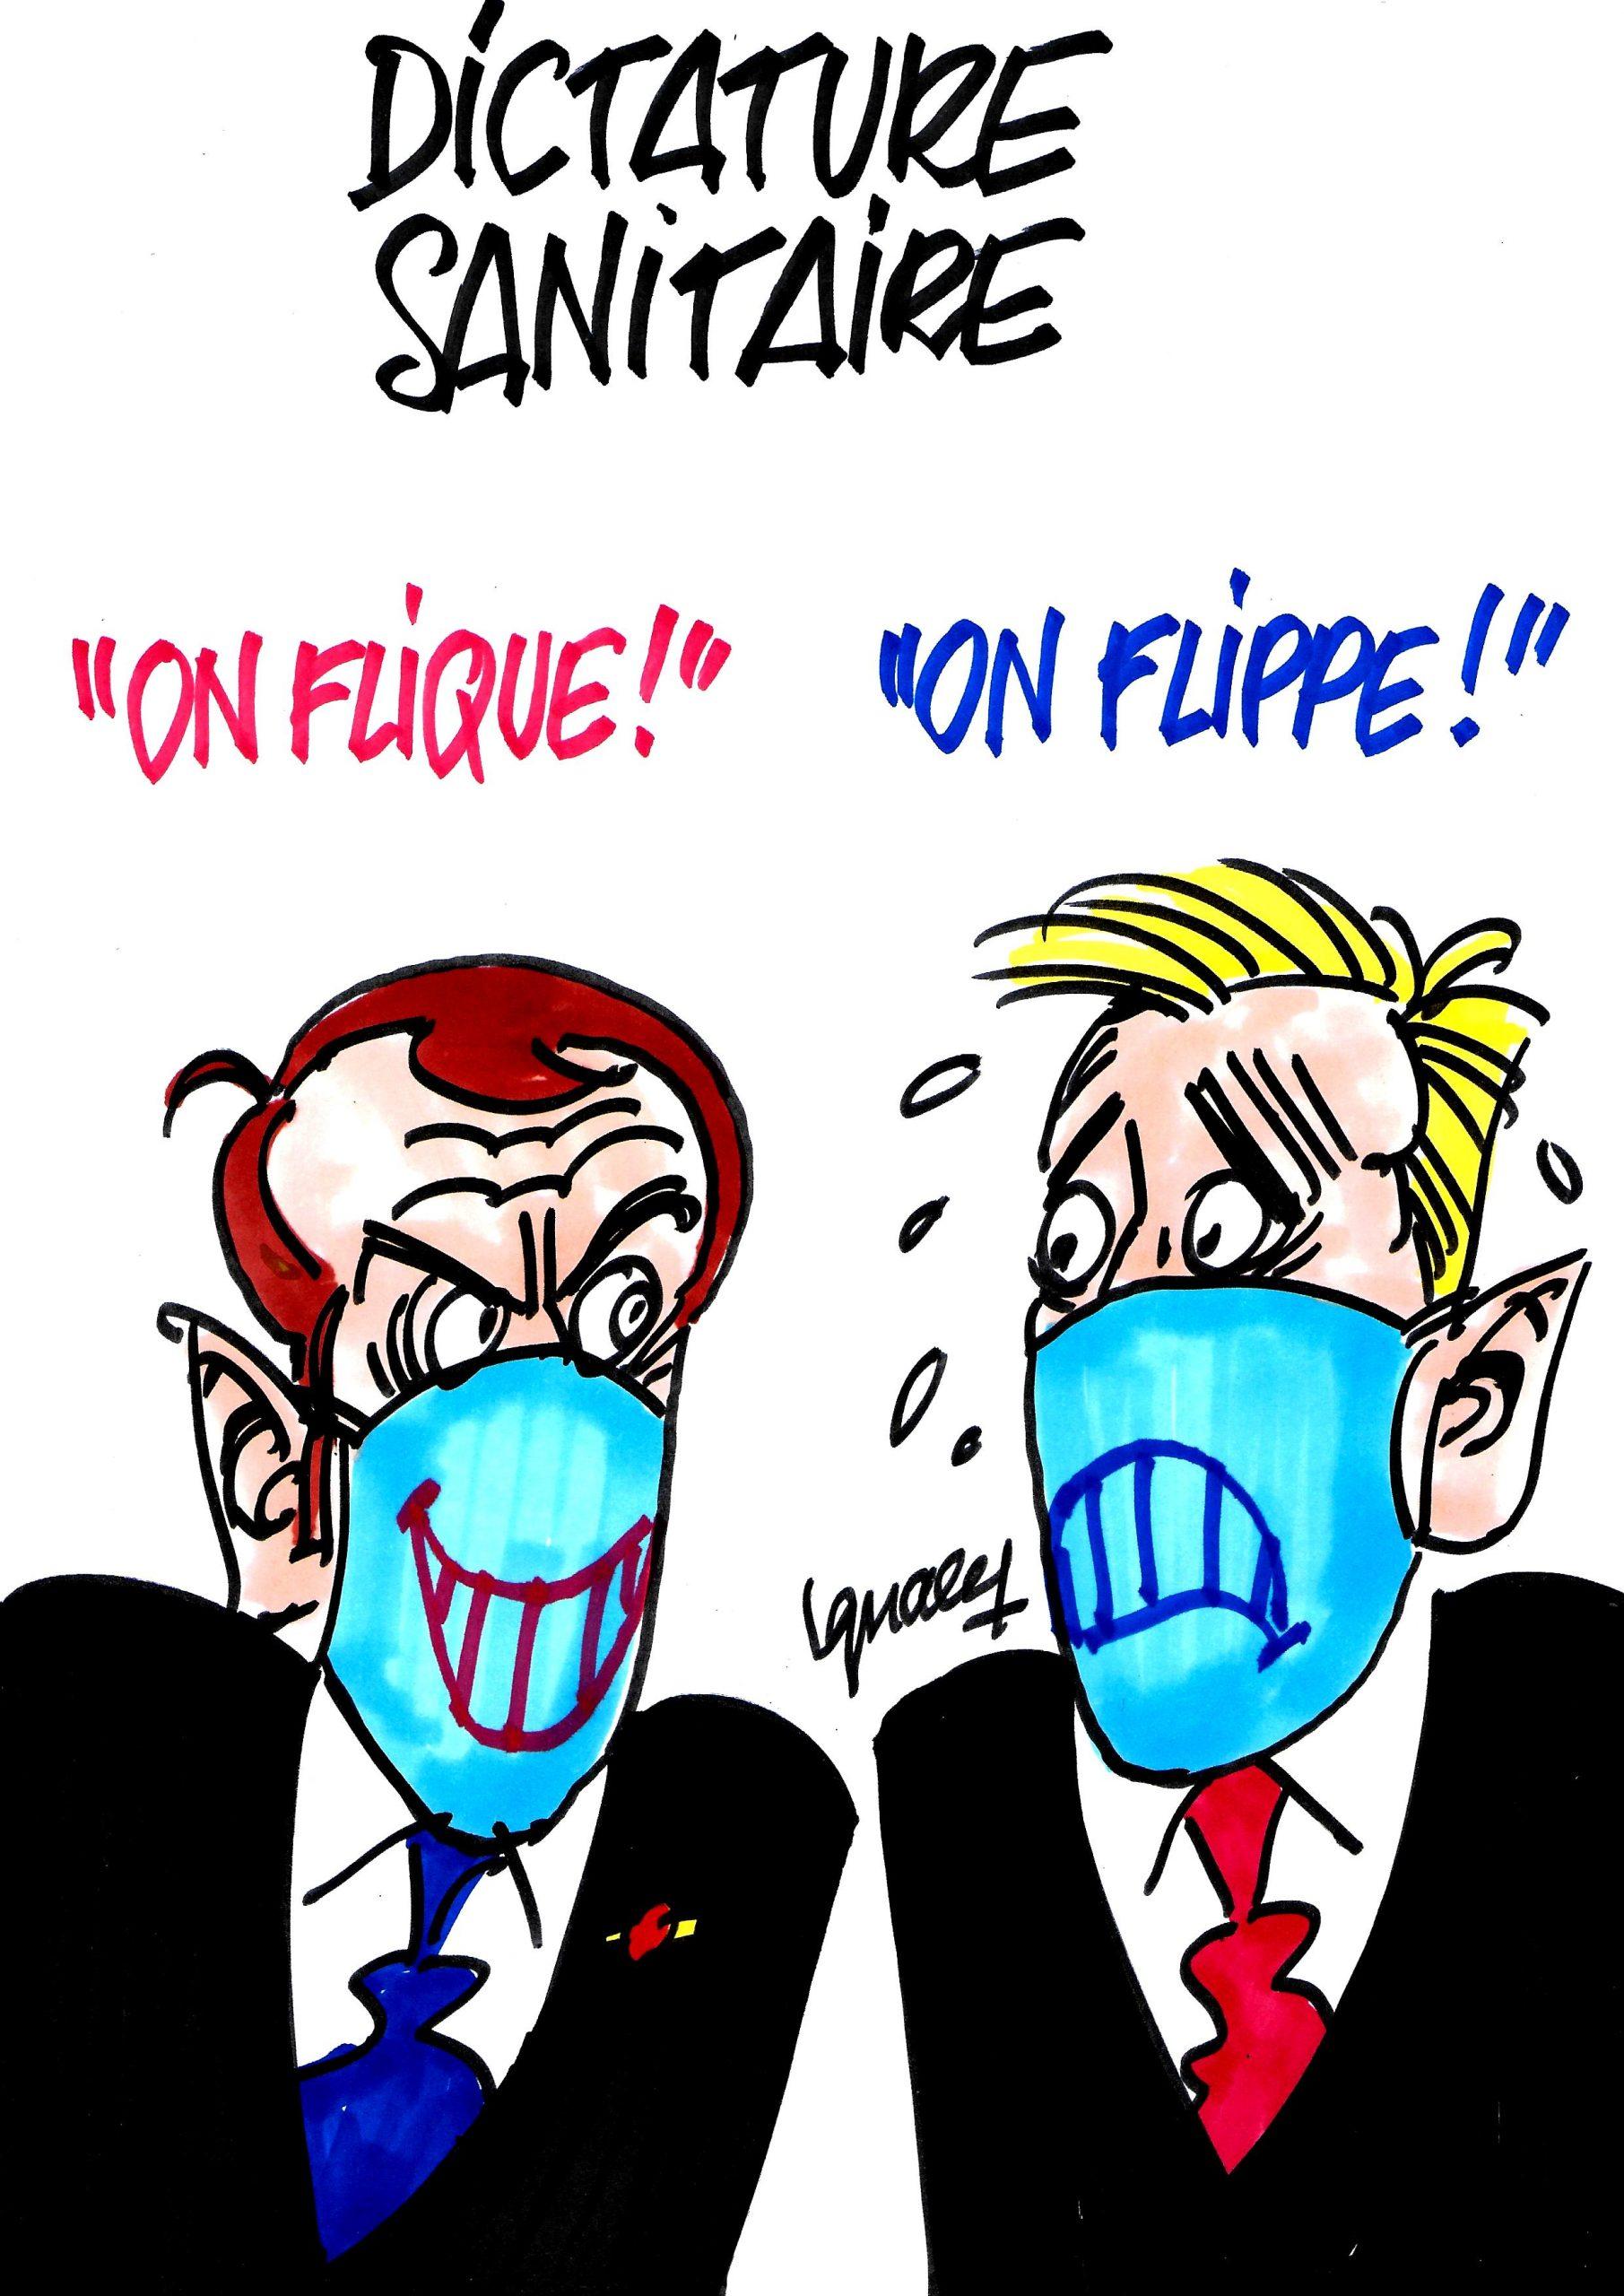 Ignace - Dictature sanitaire